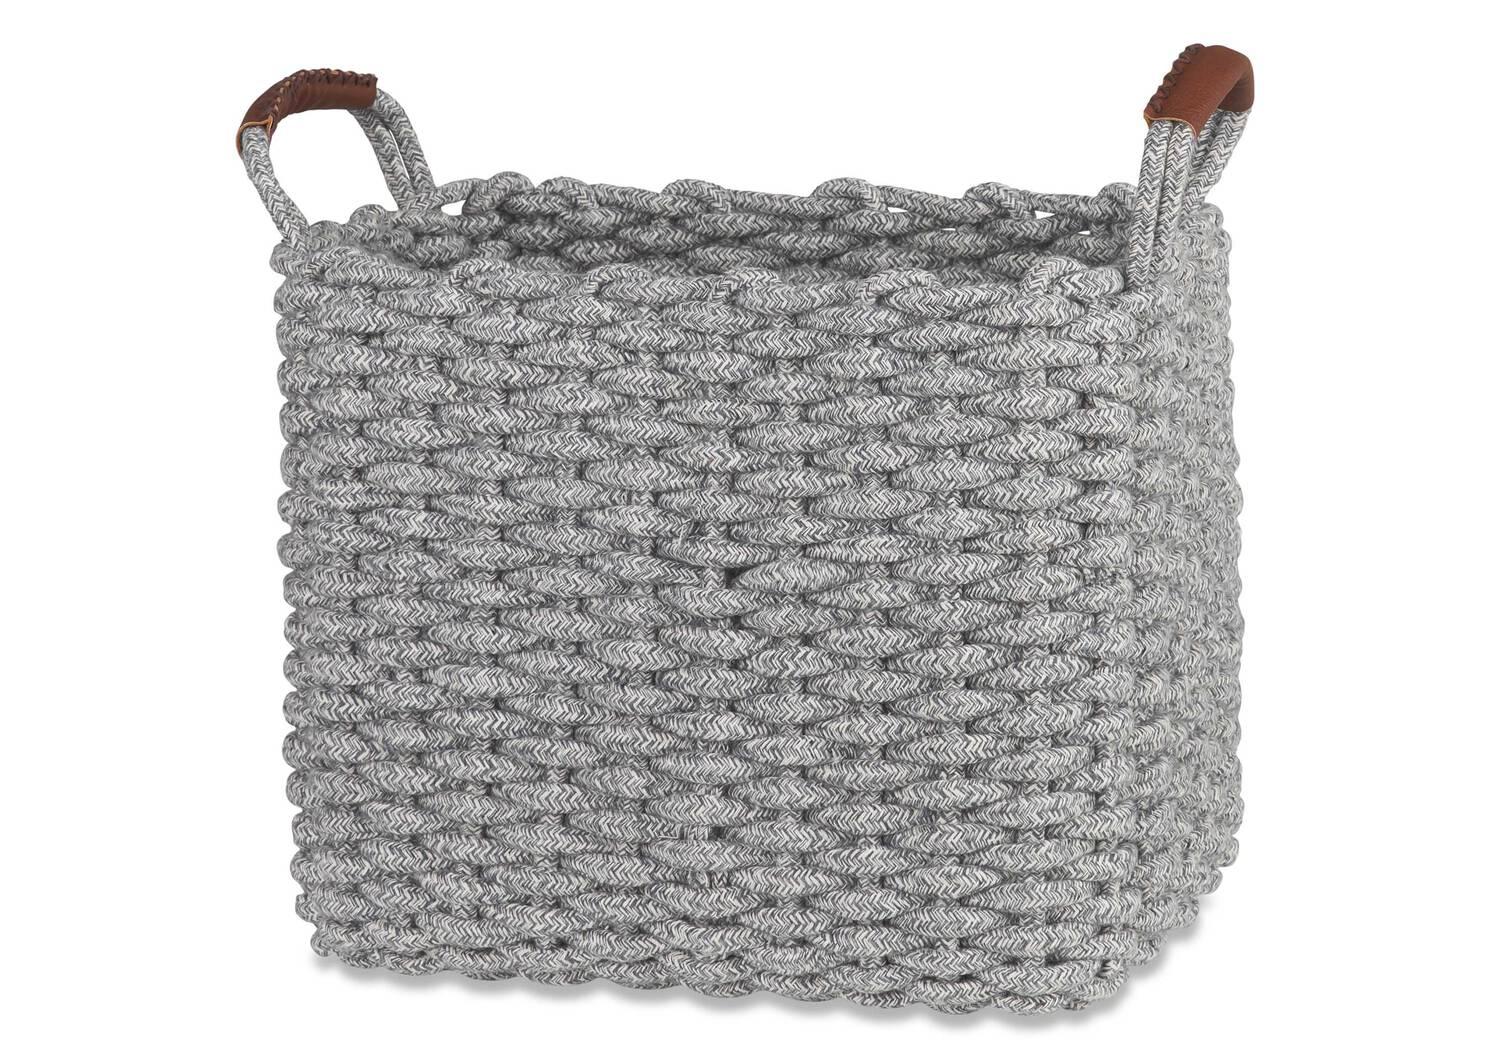 Corde Baskets -Grey